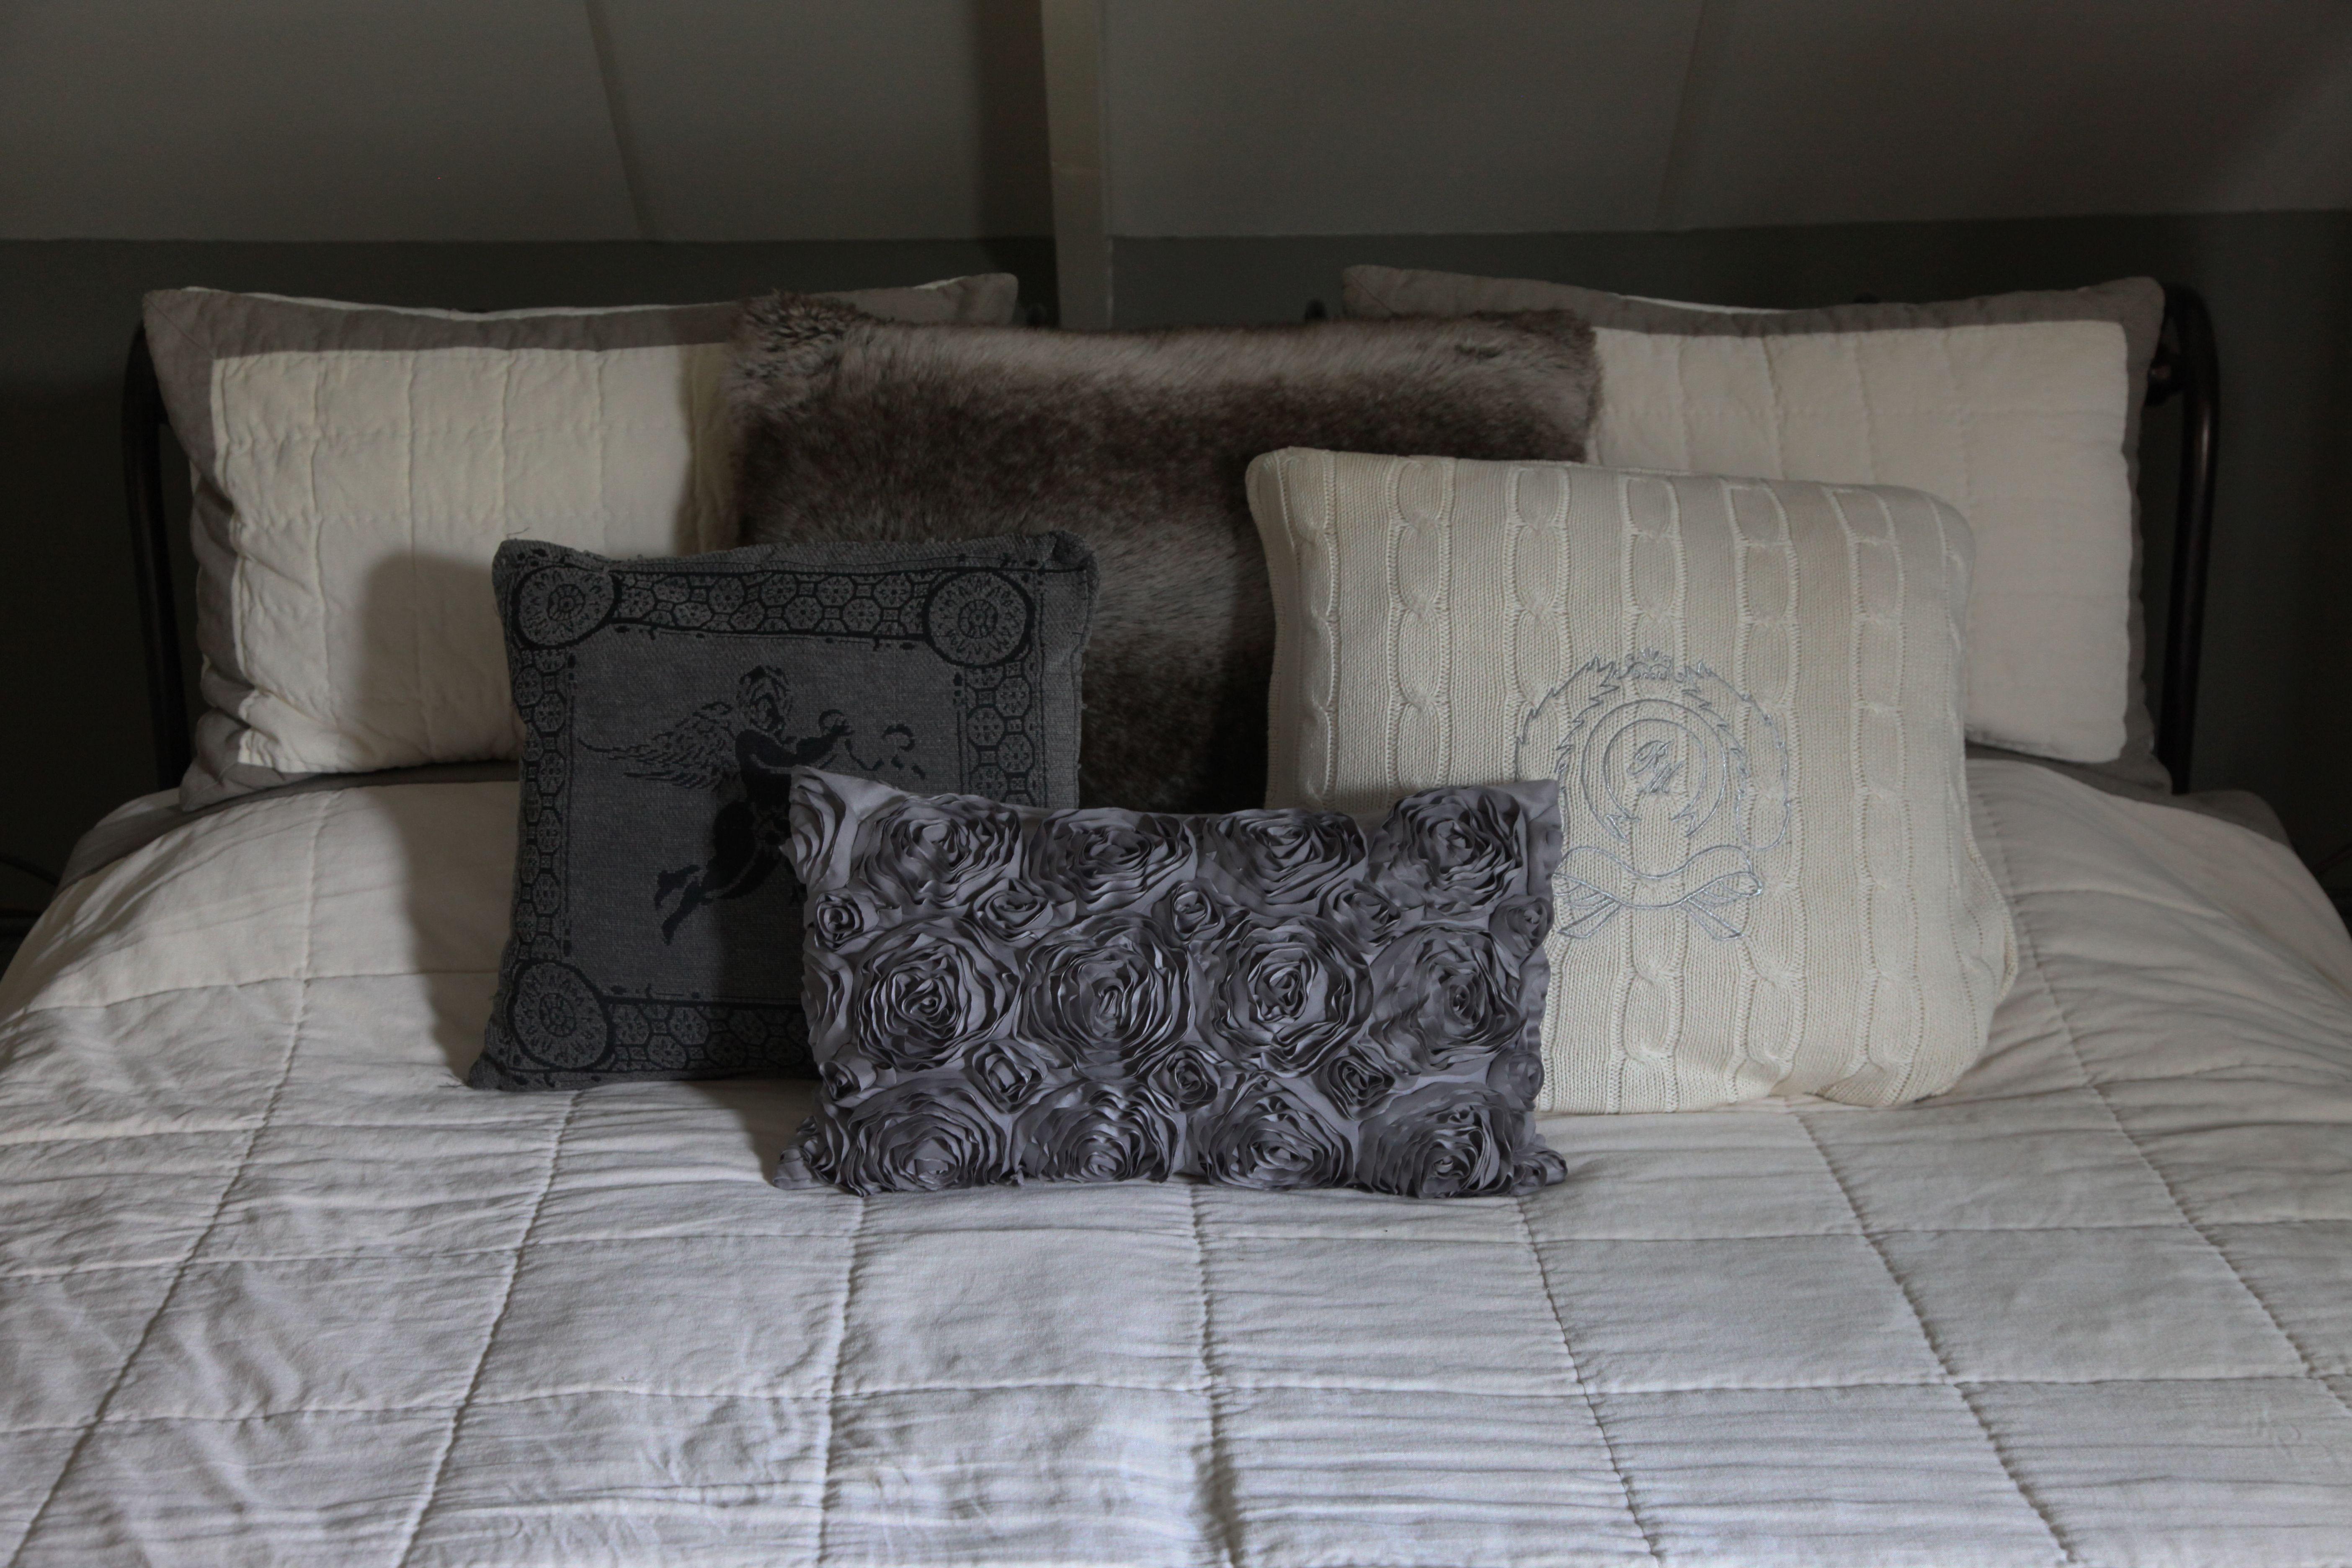 Landelijke Inrichting Slaapkamer : Vrijstaande woning prinsenbeek inrichting slaapkamer in landelijk